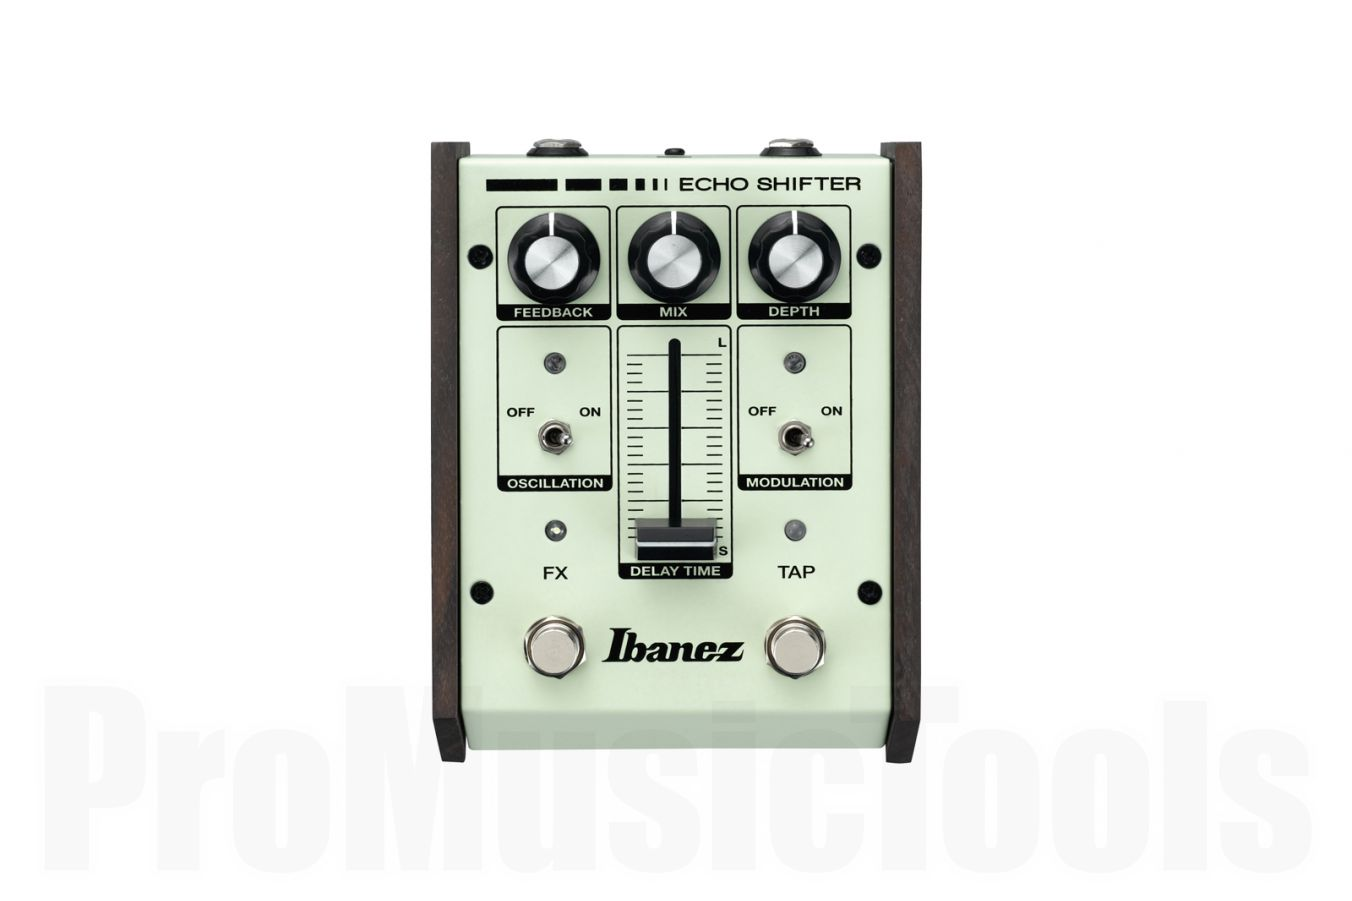 Ibanez ES2 Echo Shifter Analog Delay - demo